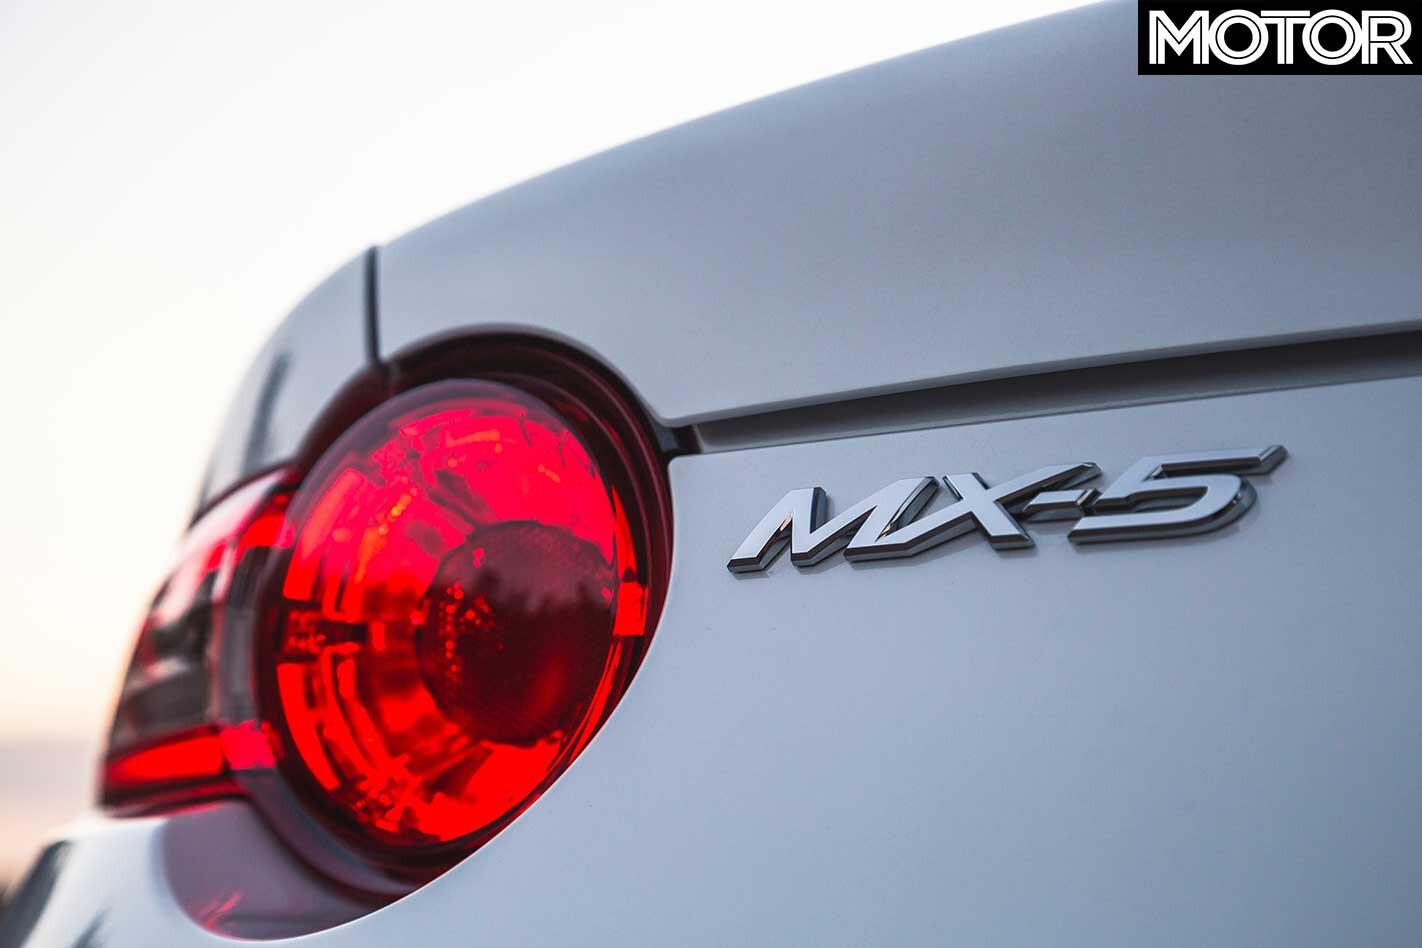 2018 Mazda MX 5 RF Badge Jpg